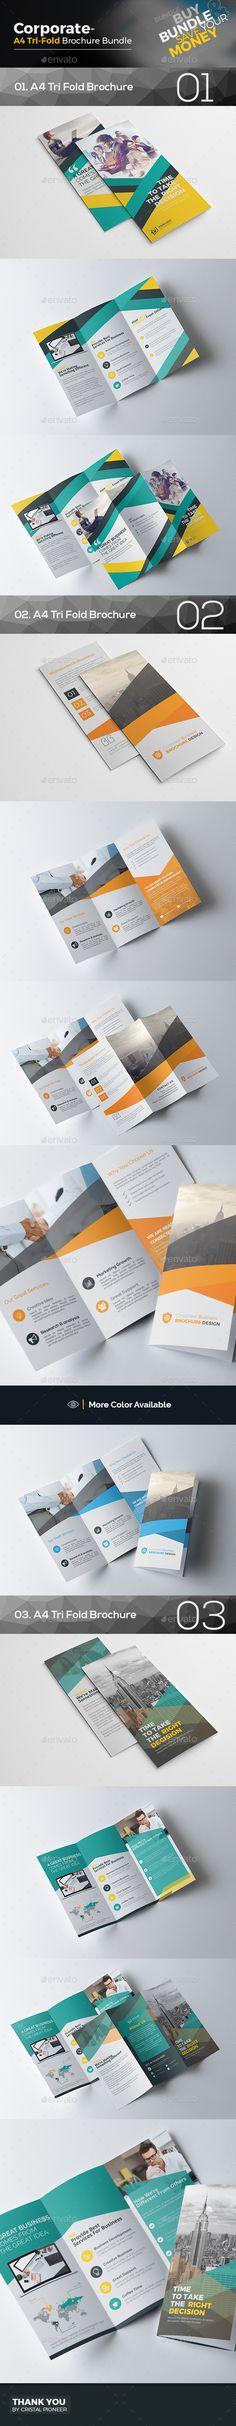 Tri fold brochure design bundle 3 in 1 corporate brochure template tri fold brochure design bundle 3 in 1 corporate brochure template vector eps ai illustrator download here httpgraphicriveritemtri fo saigontimesfo